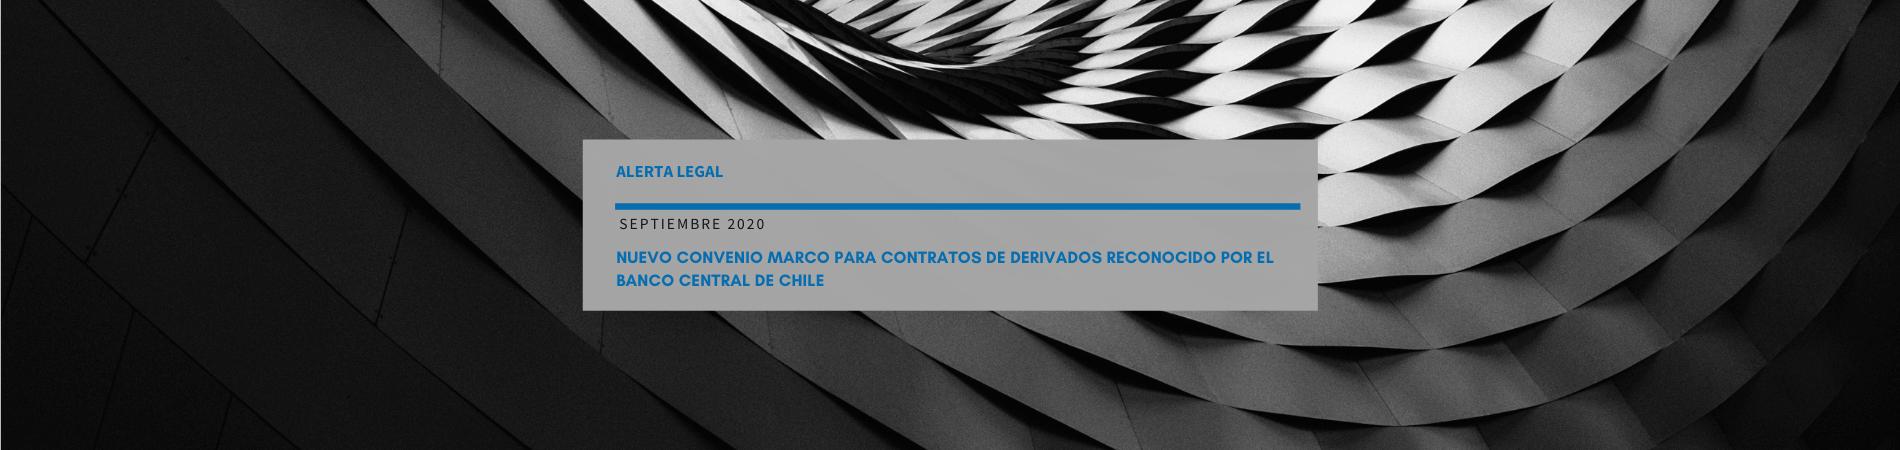 Alerta Legal | Nuevo Convenio Marco para Contratos de Derivados Reconocido por el Banco Central de Chile